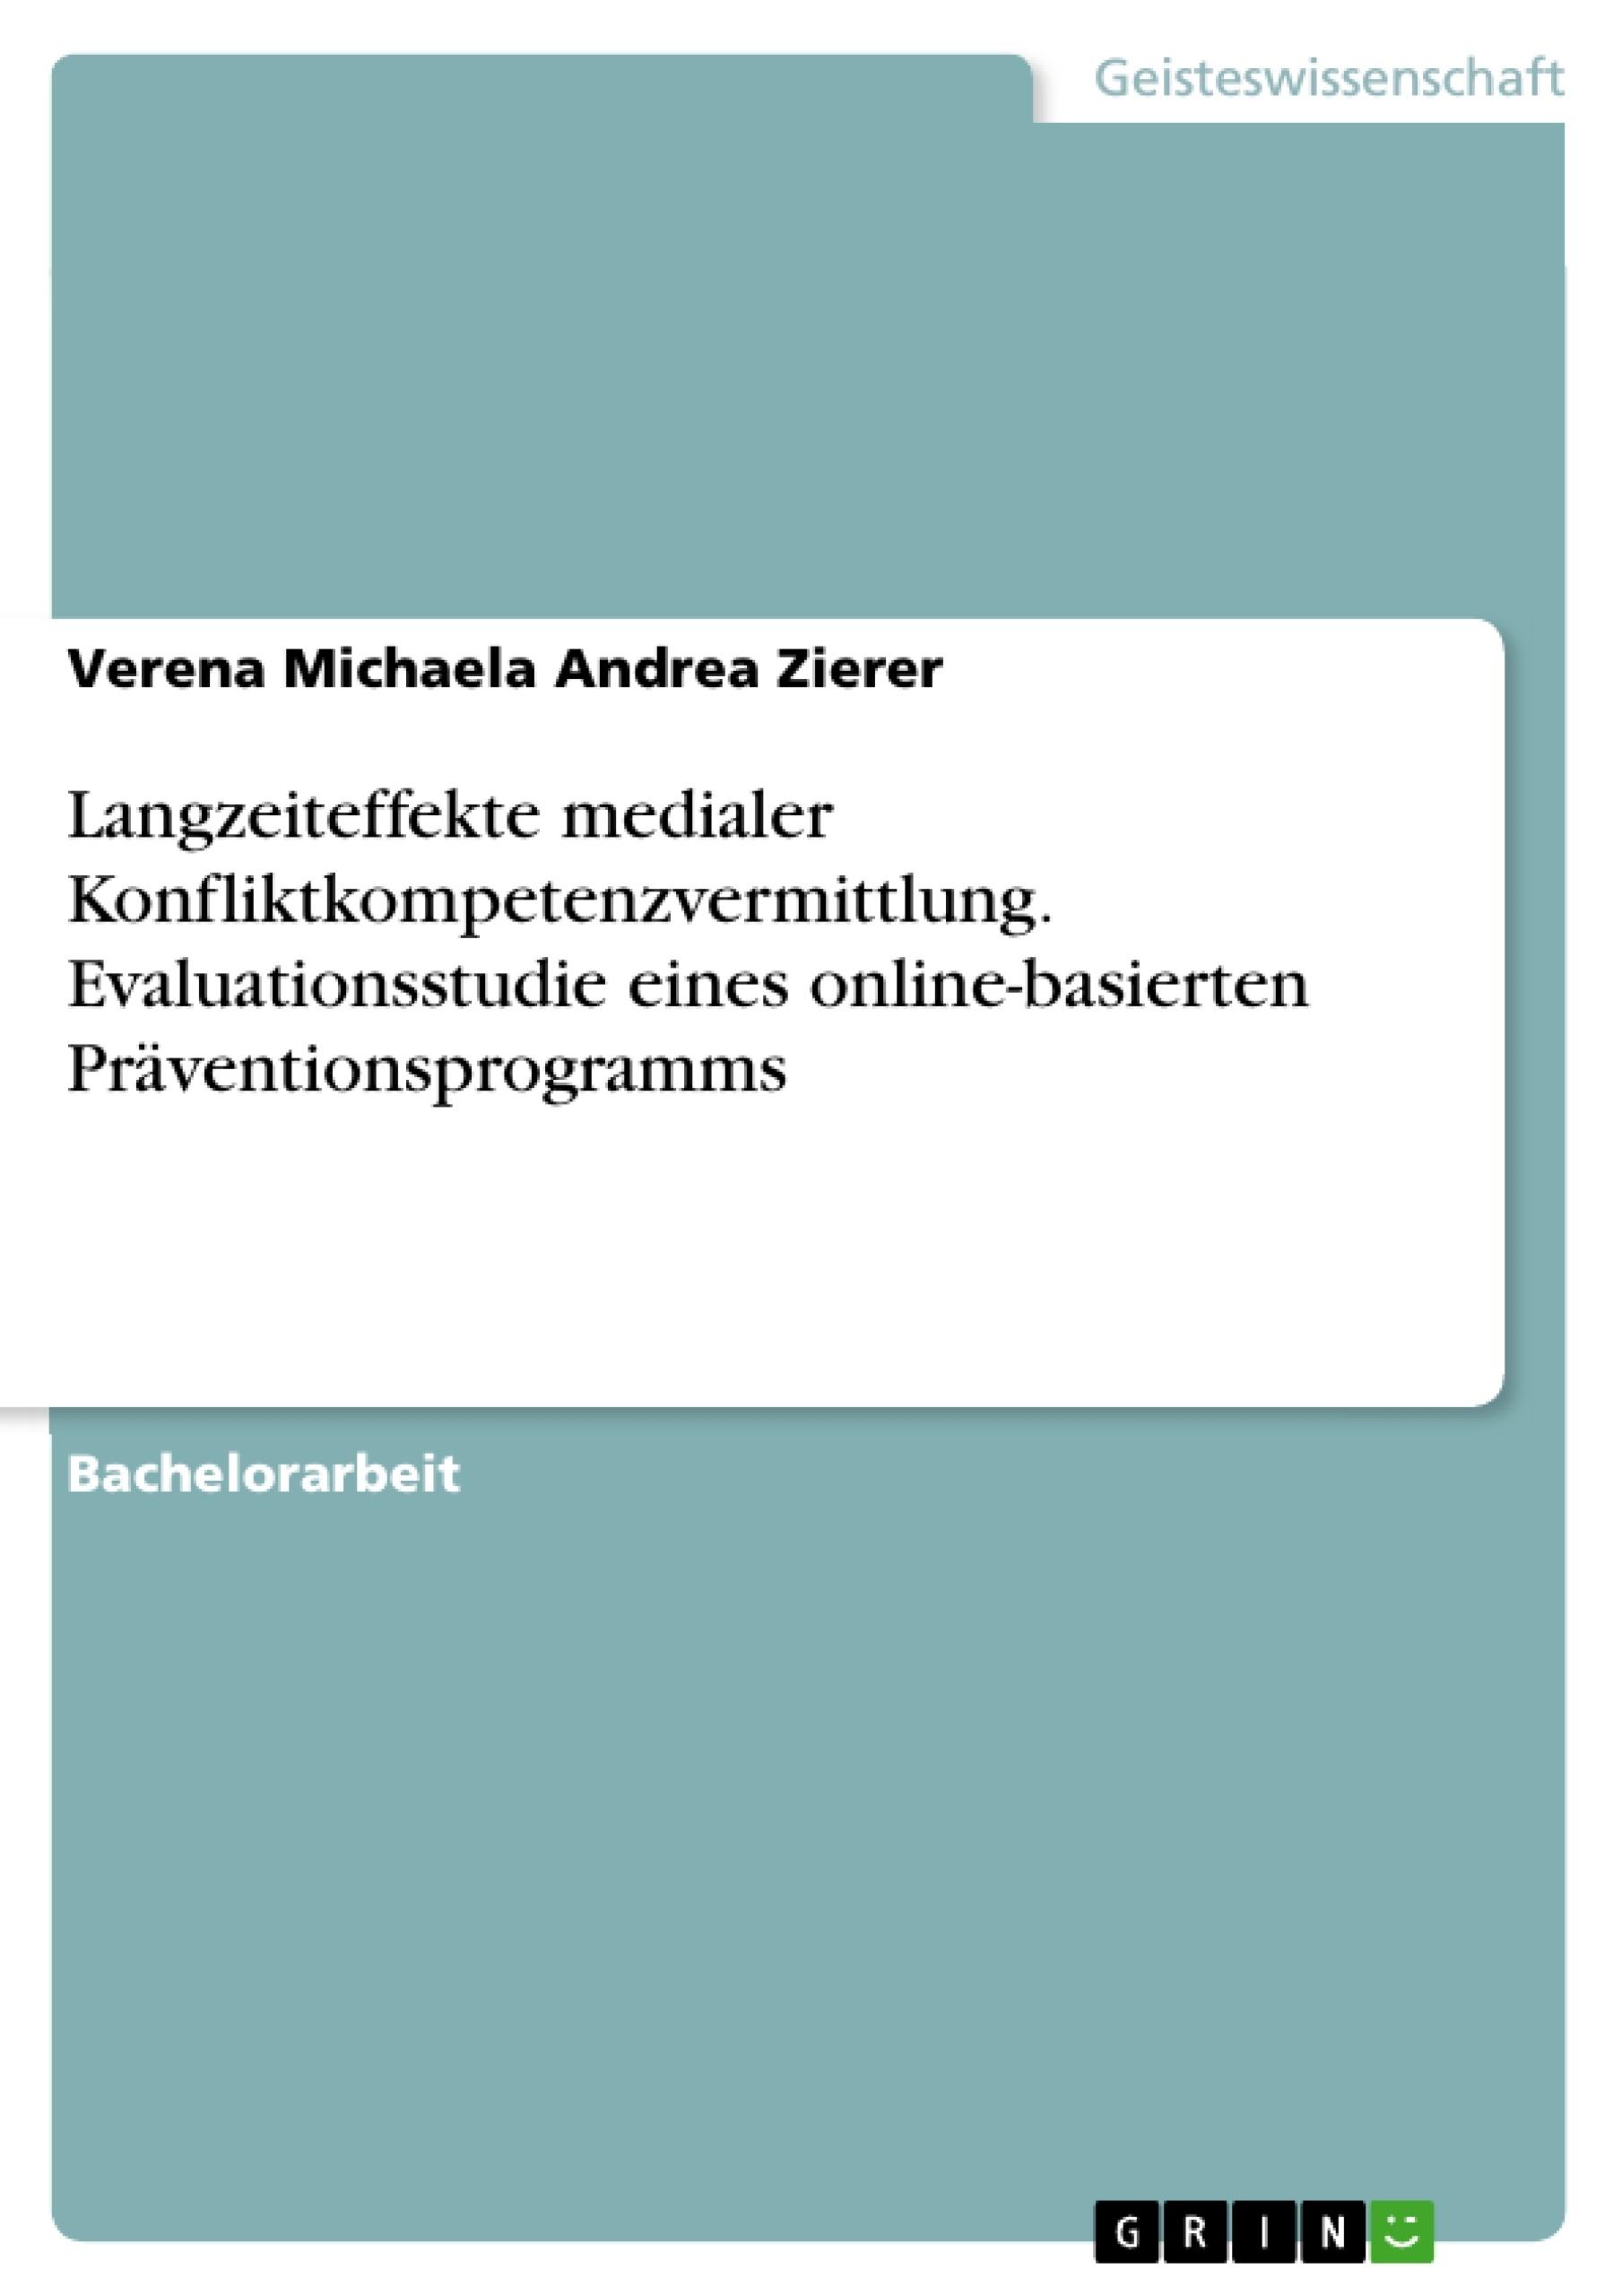 Titel: Langzeiteffekte medialer Konfliktkompetenzvermittlung. Evaluationsstudie eines online-basierten Präventionsprogramms